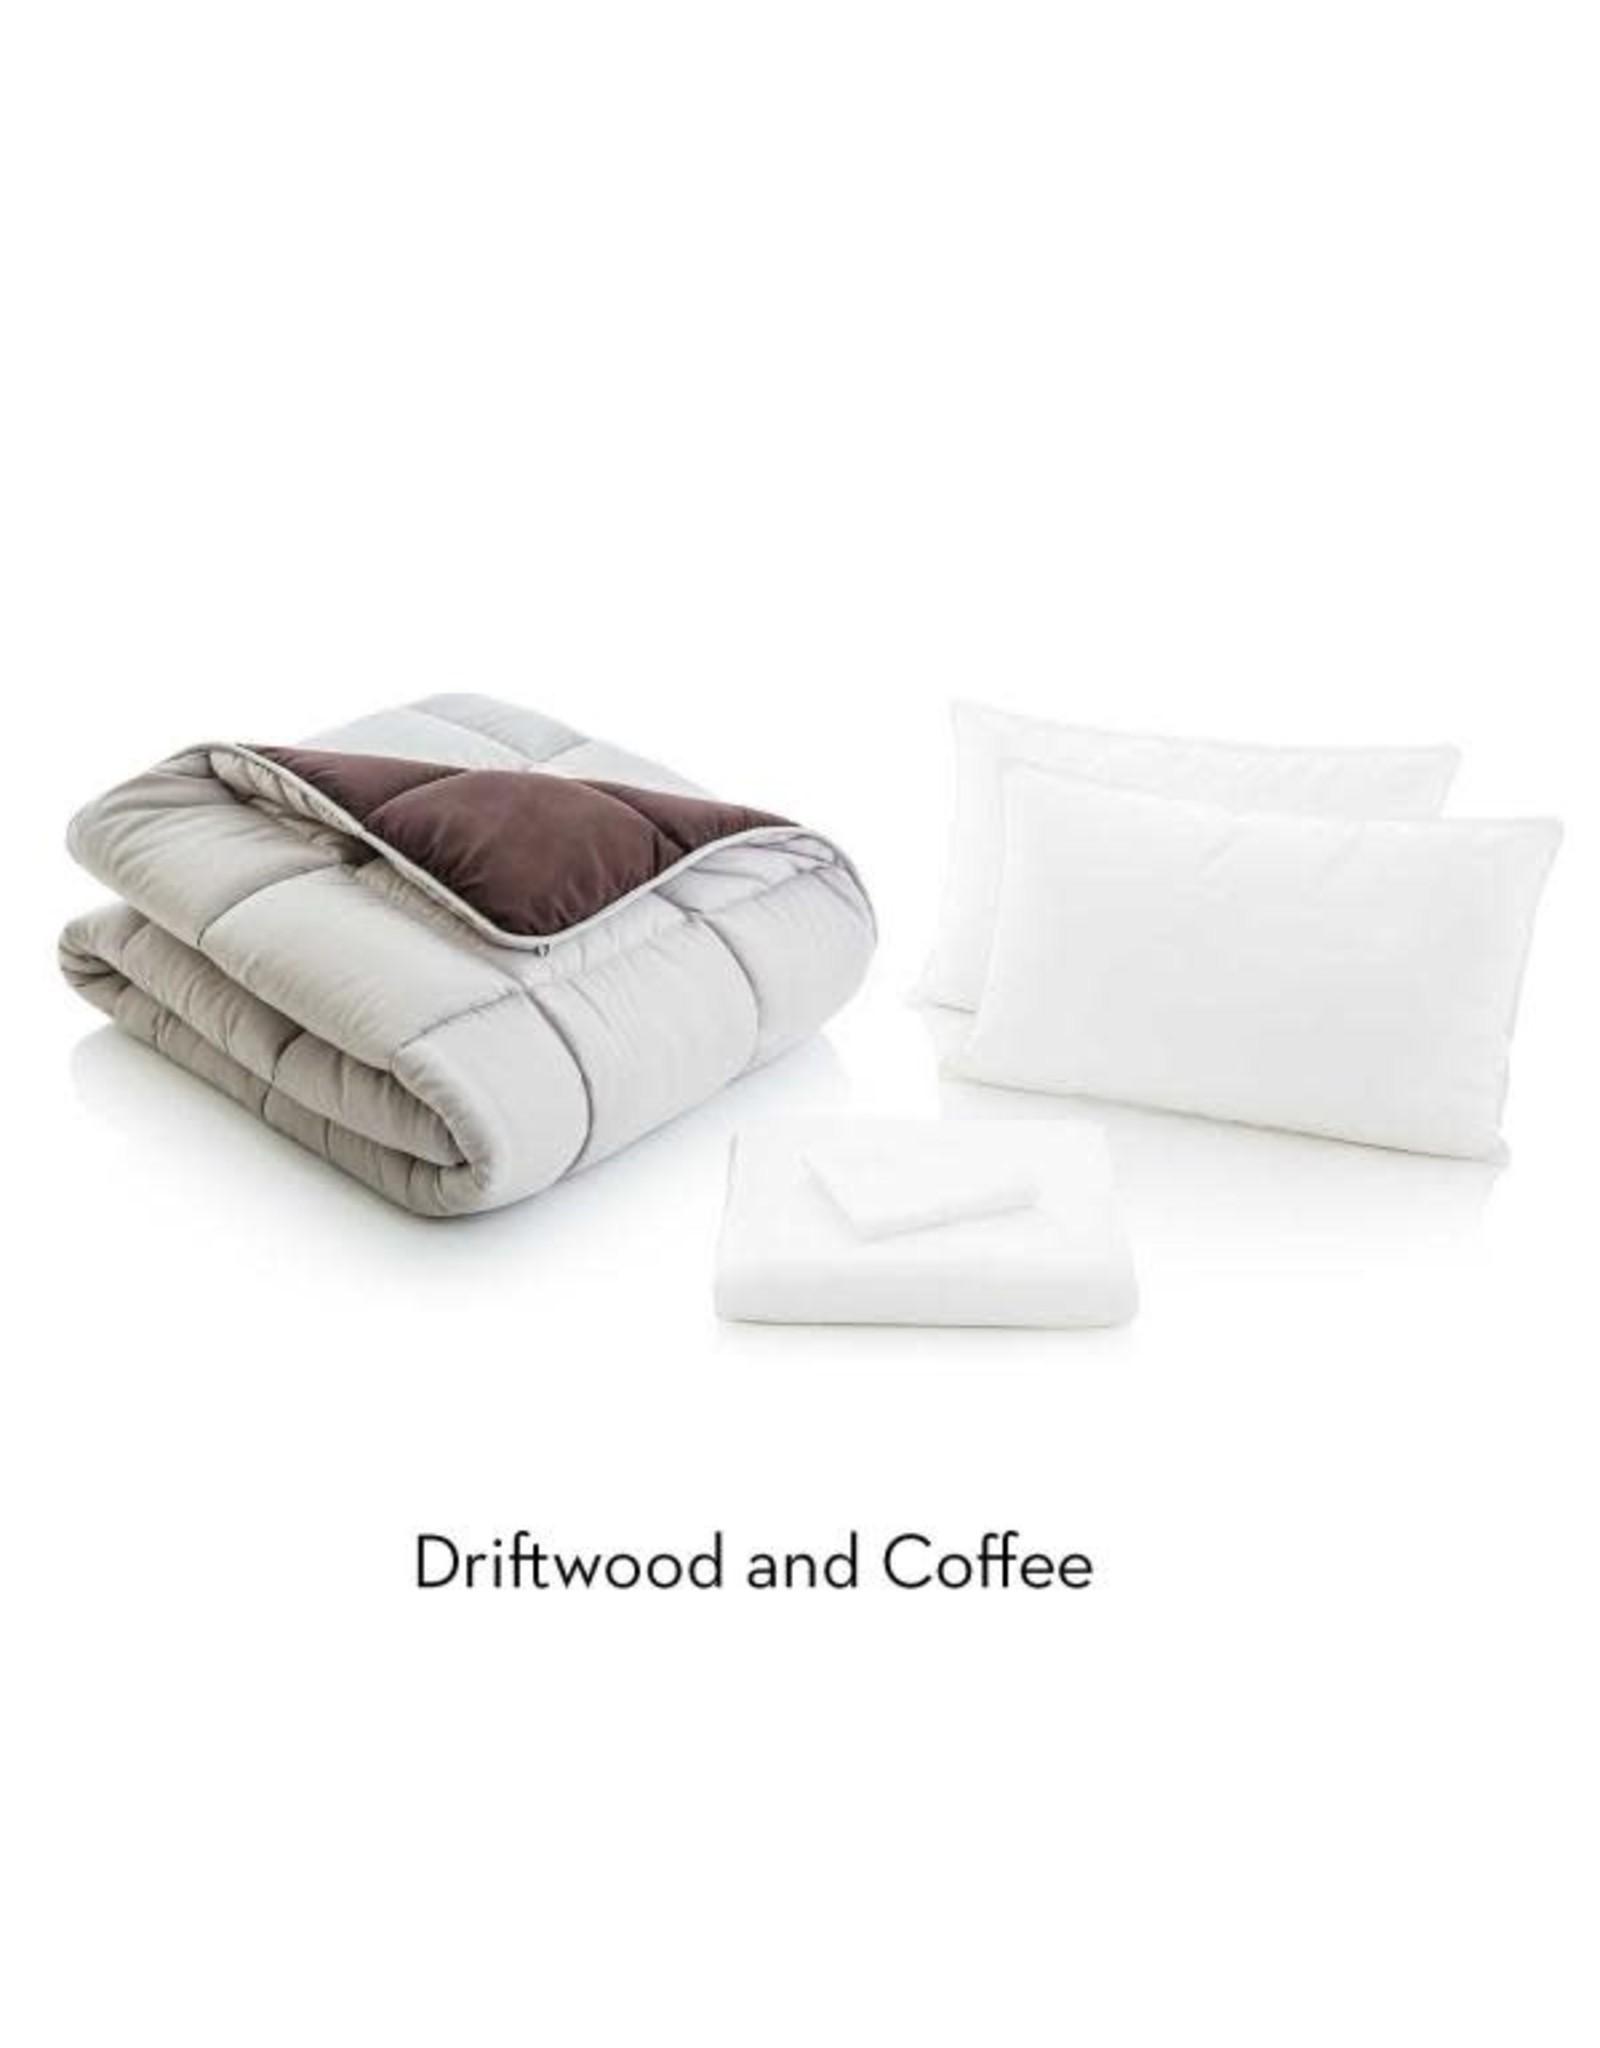 Woven MA01QQDRCOBB Bed N Bag Queen coffee